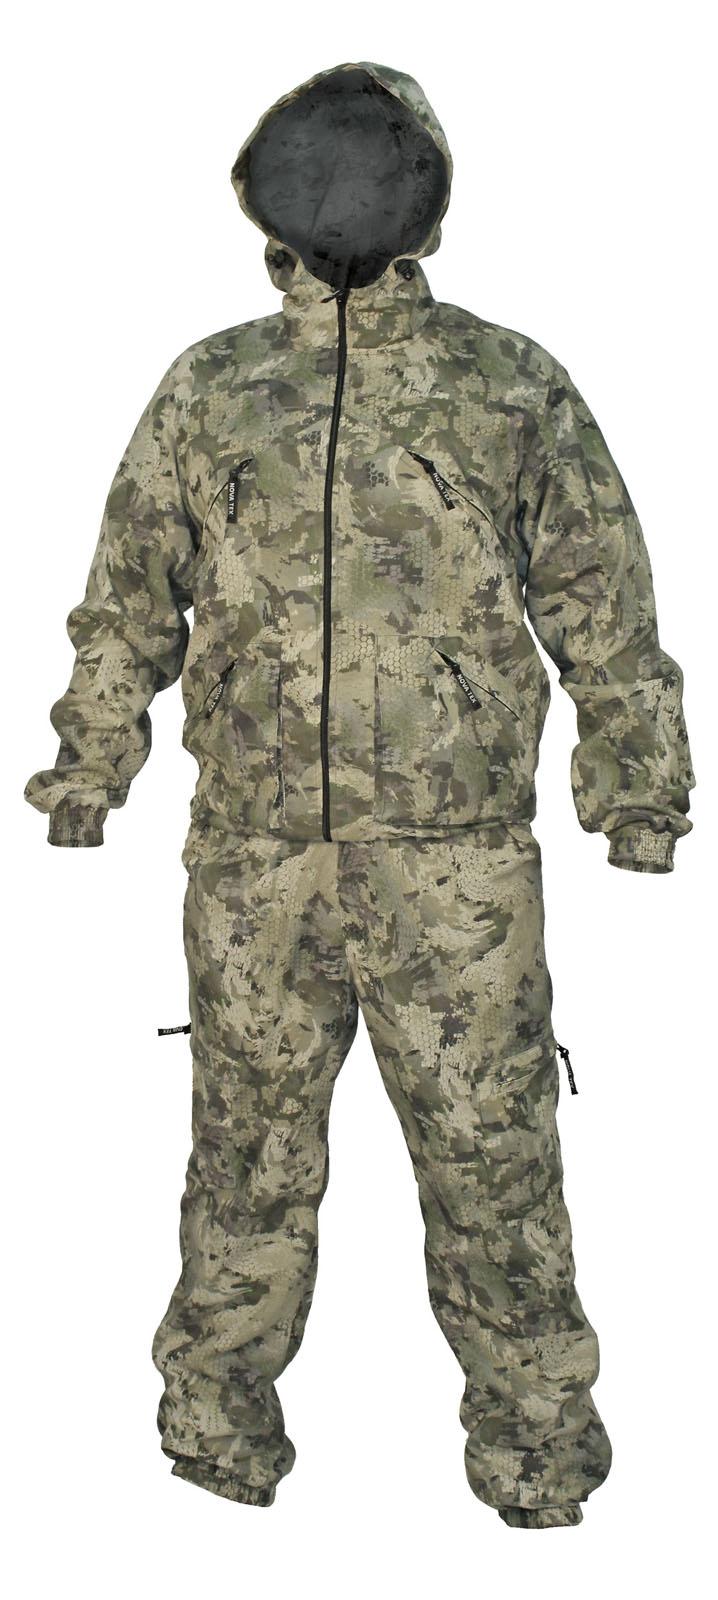 Костюм мужской Рысь (смесовая, св. соты Костюмы неутепленные<br>Летний универсальный костюм (ТМ «Квест») <br>от компании Novatex. Удобный и функциональный <br>прекрасно подойдет для всех любителей активного <br>образа жизни. Состоит из короткой куртки <br>с капюшоном и прямых брюк, низ куртки и брюк <br>собраны на резинку. Смесовая ткань позволяет <br>костюму быть практичным и удобным в эксплуатации. <br>Костюм «Рысь» пользуется популярностью <br>как у любителей активного отдыха, так и <br>как надежный рабочий костюм.<br><br>Пол: мужской<br>Размер: 52-54<br>Рост: 170-176<br>Сезон: лето<br>Цвет: бежевый<br>Материал: текстиль